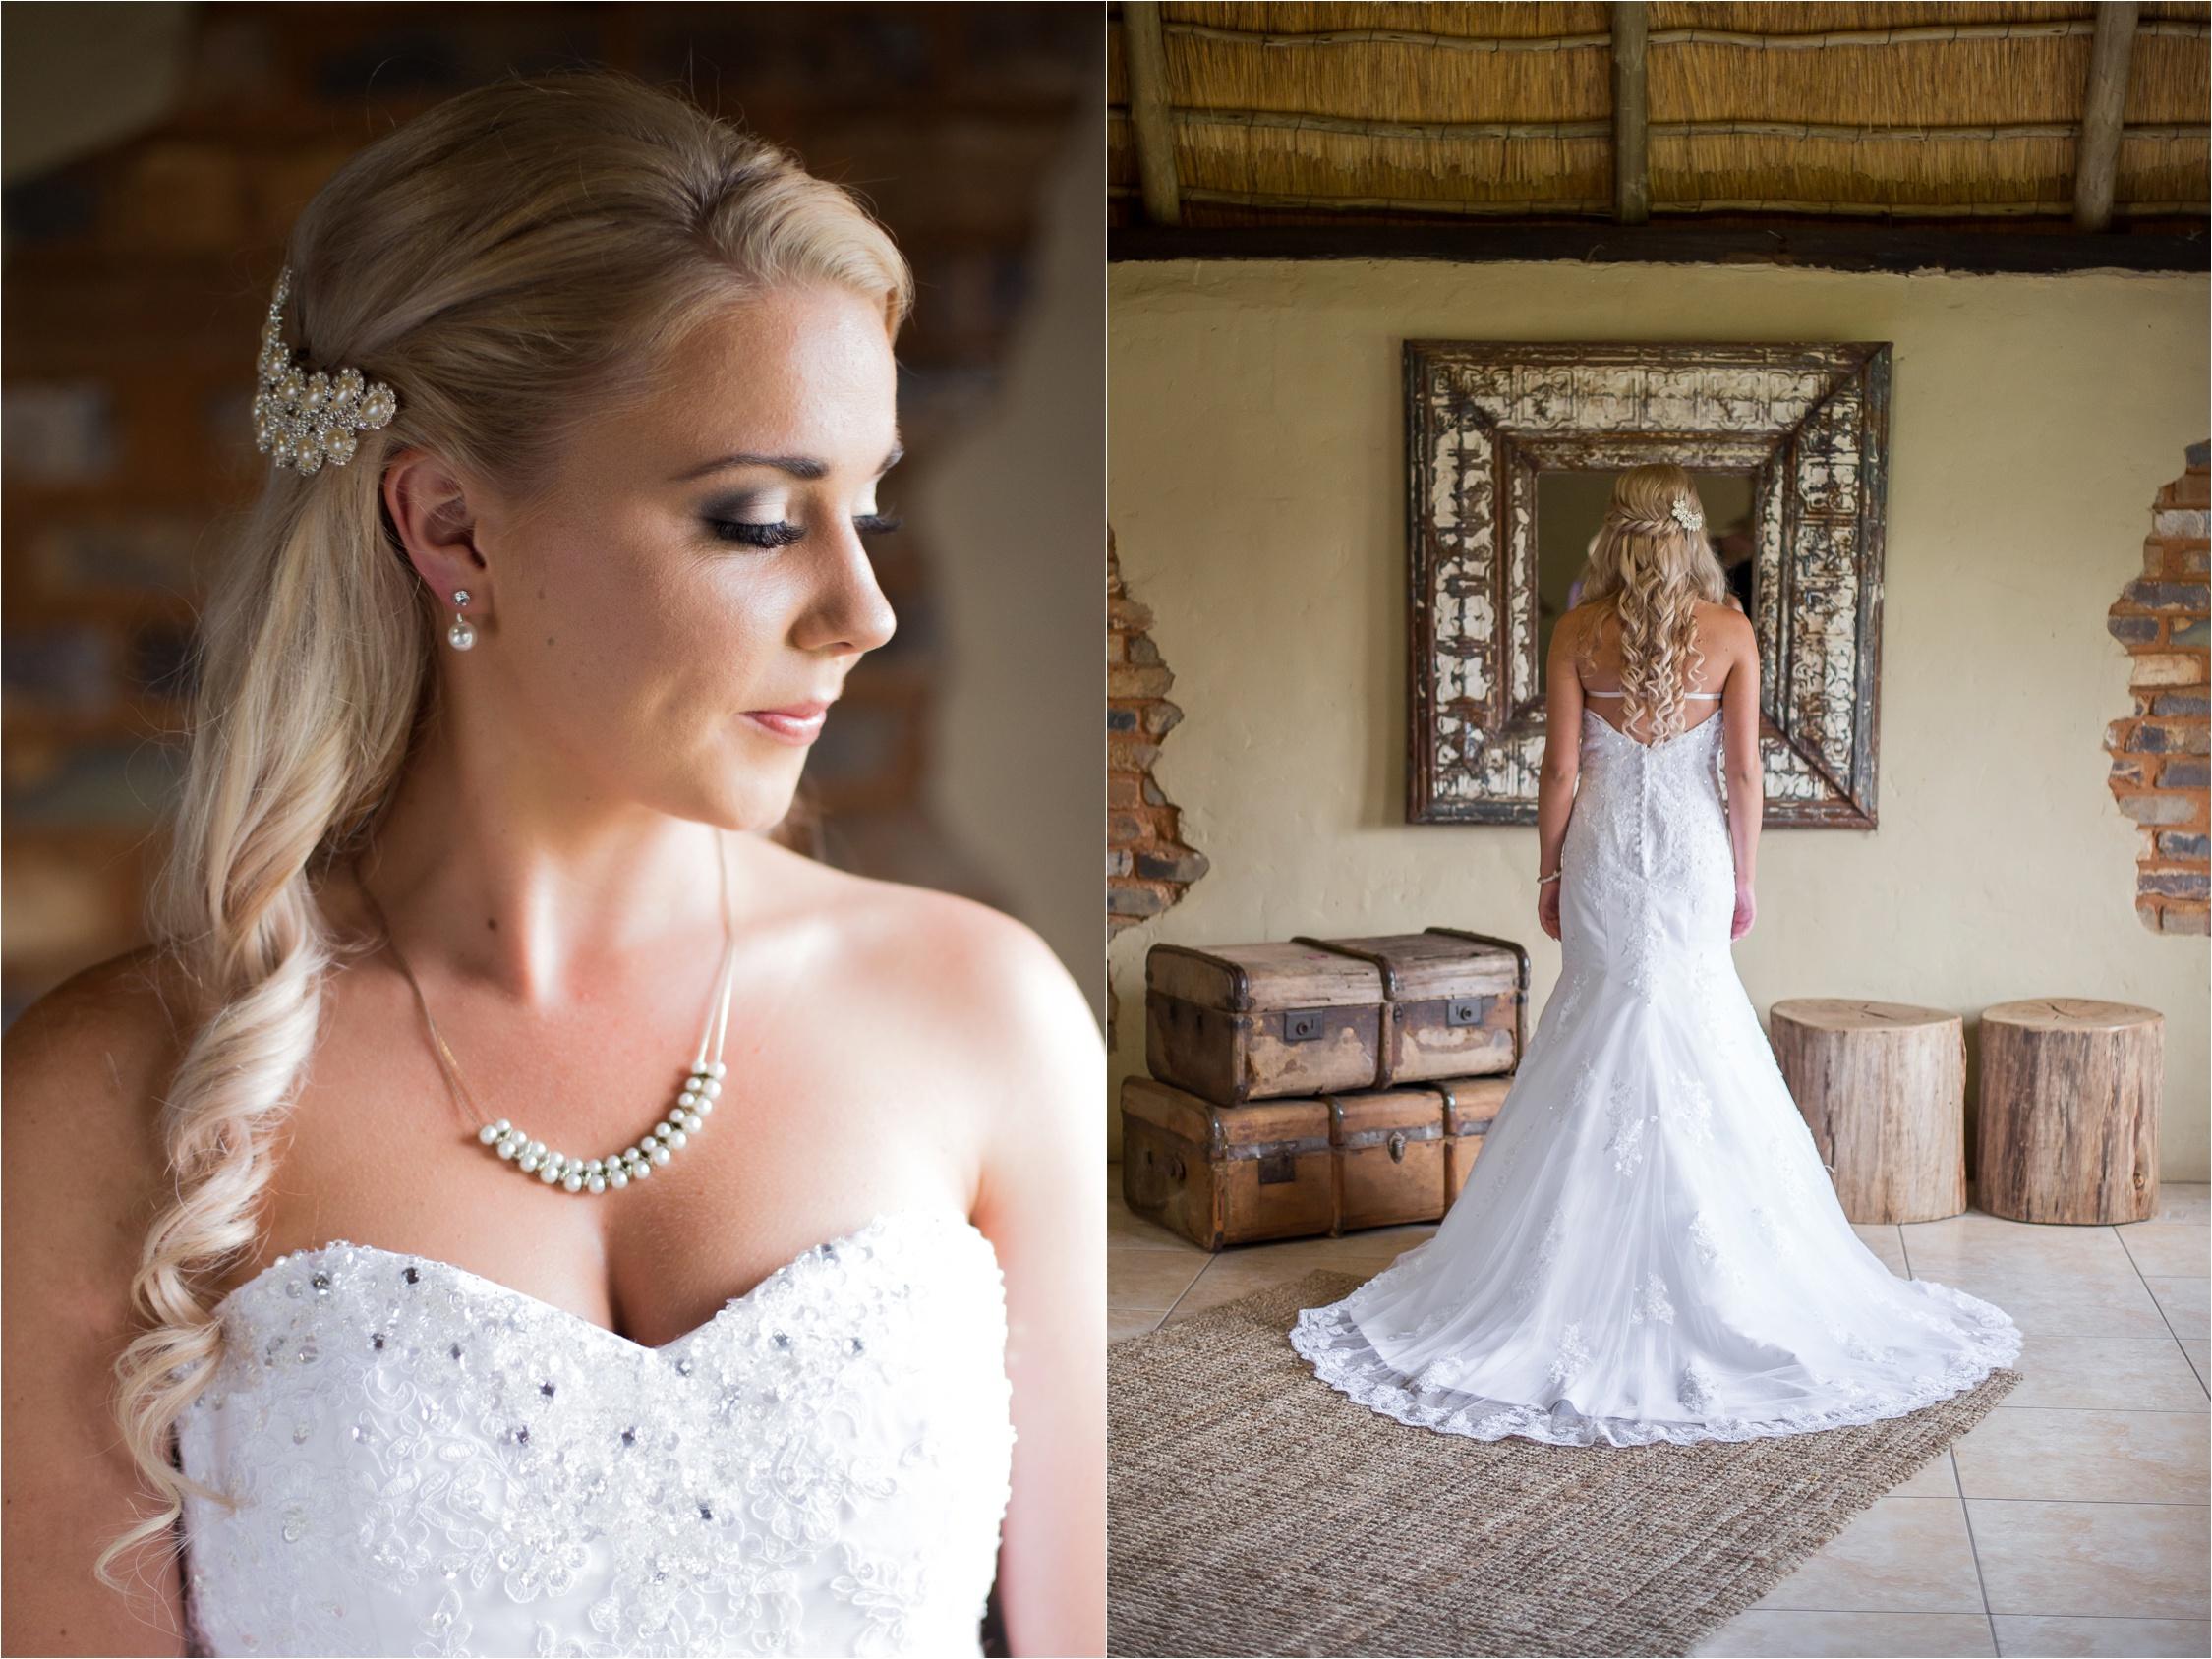 Die_Waenhuiskraal_wedding_Alicia_Dwayne_33